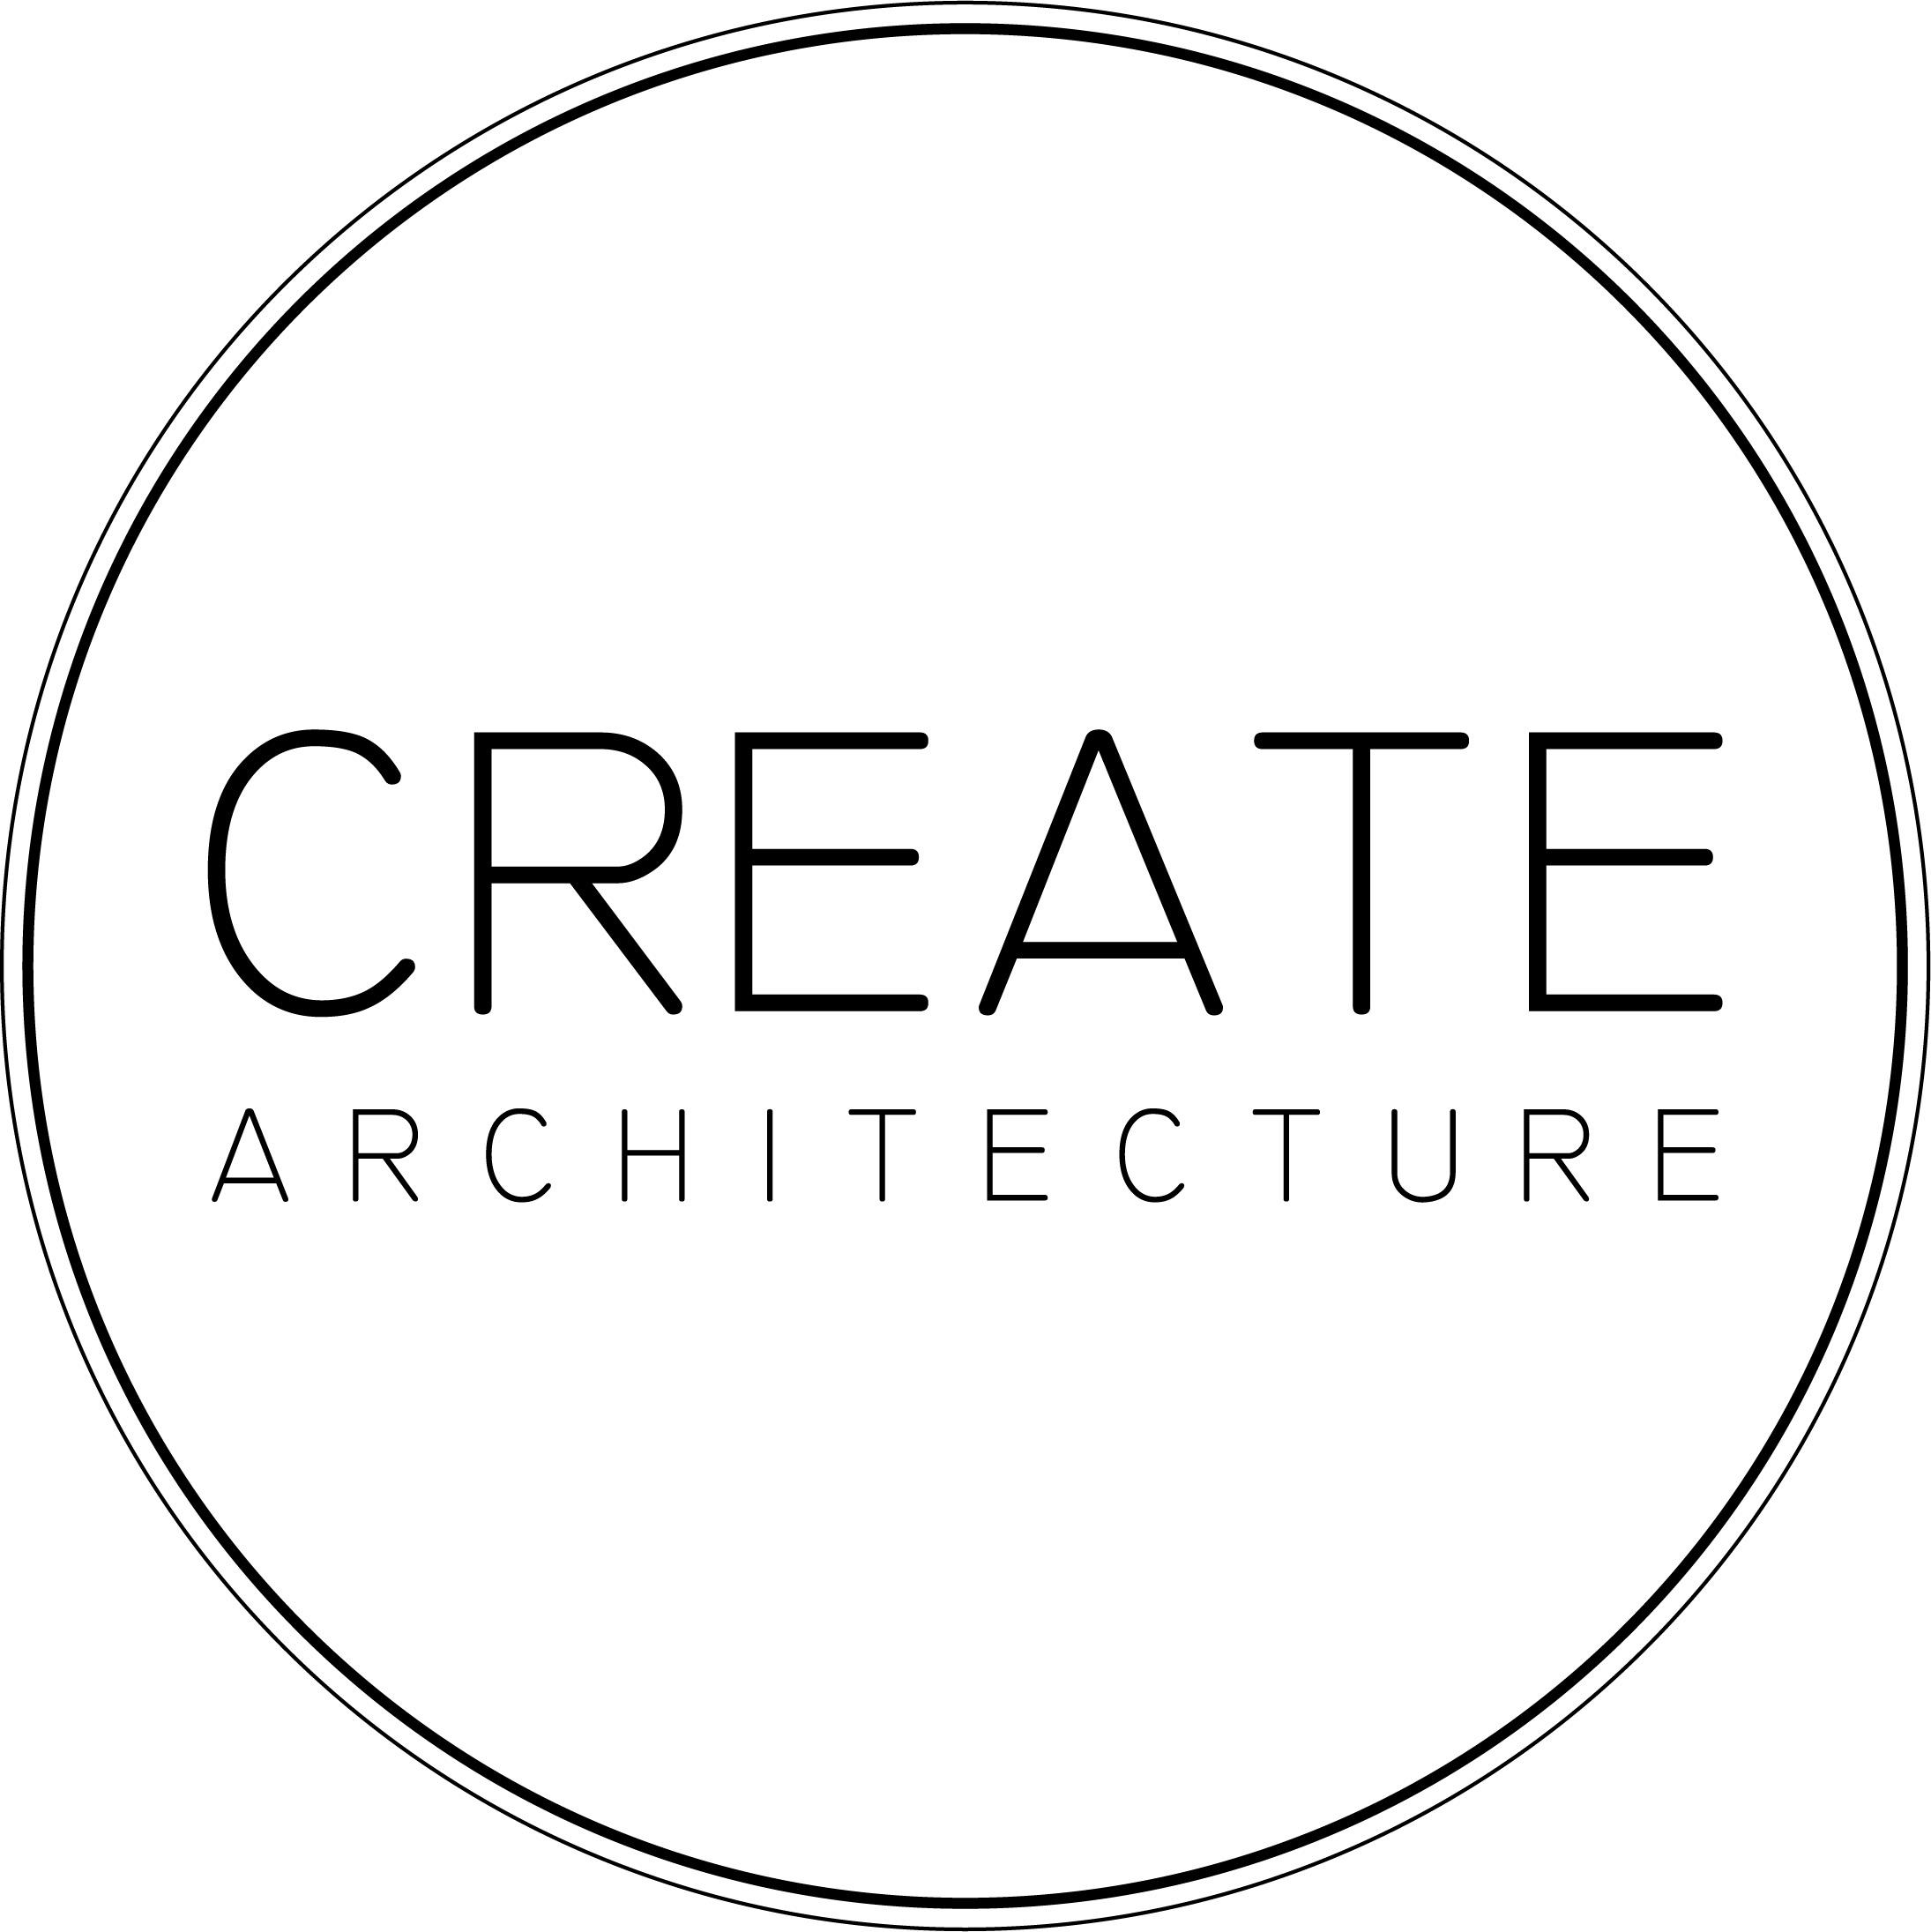 Create Architecture